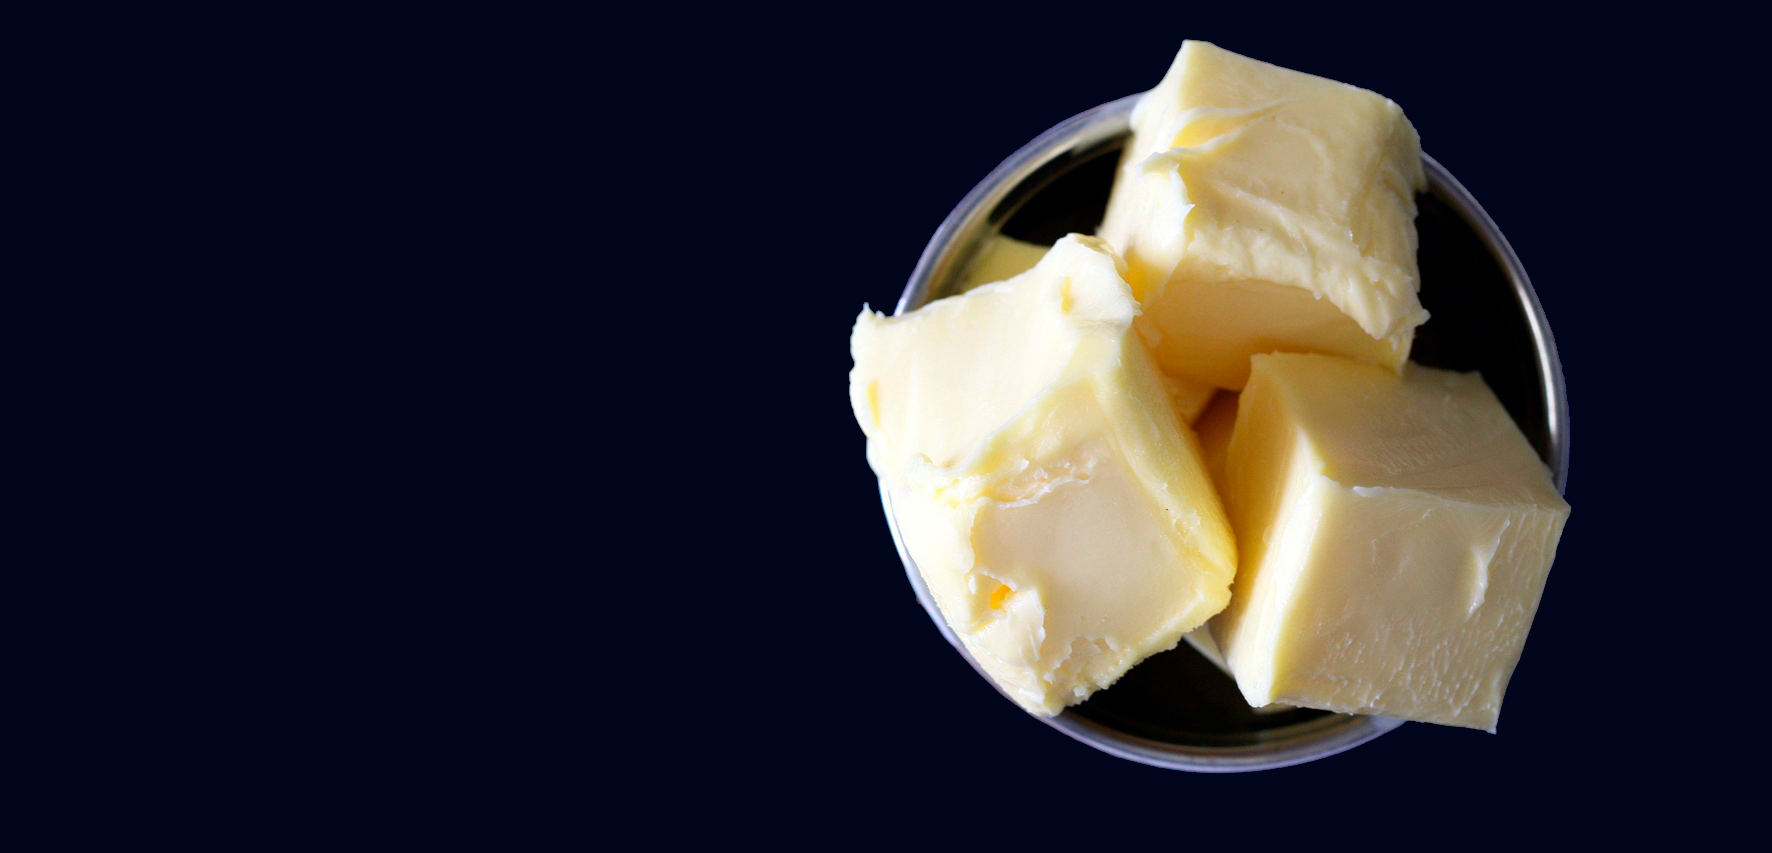 Coldiretti mente: l'olio di palma non c'entra con il prezzo del burro